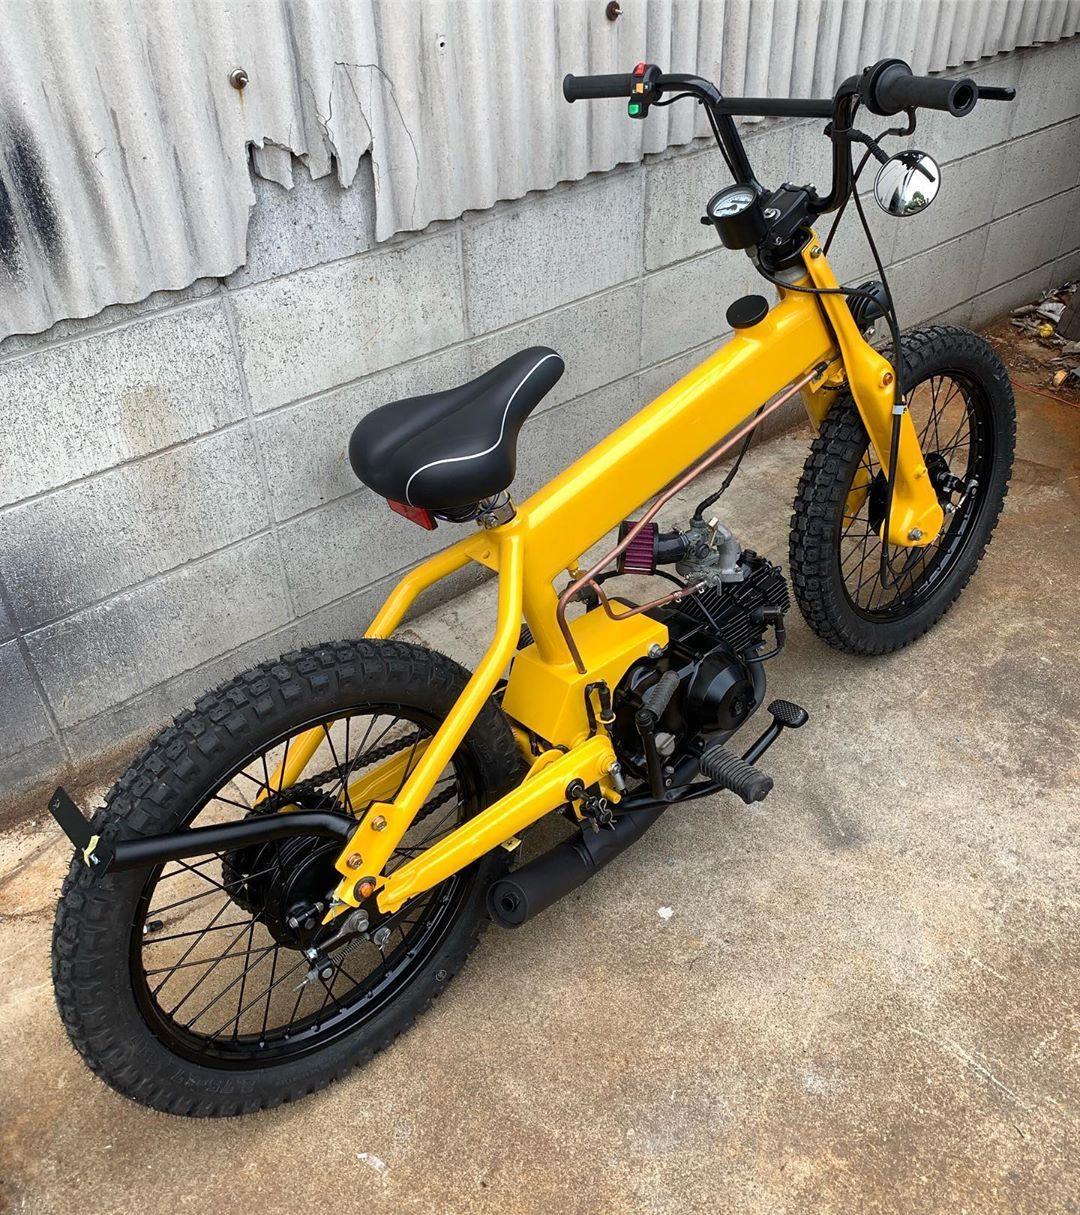 Gambar Mungkin Berisi Sepeda Dan Sepeda Motor Sepeda Bmx